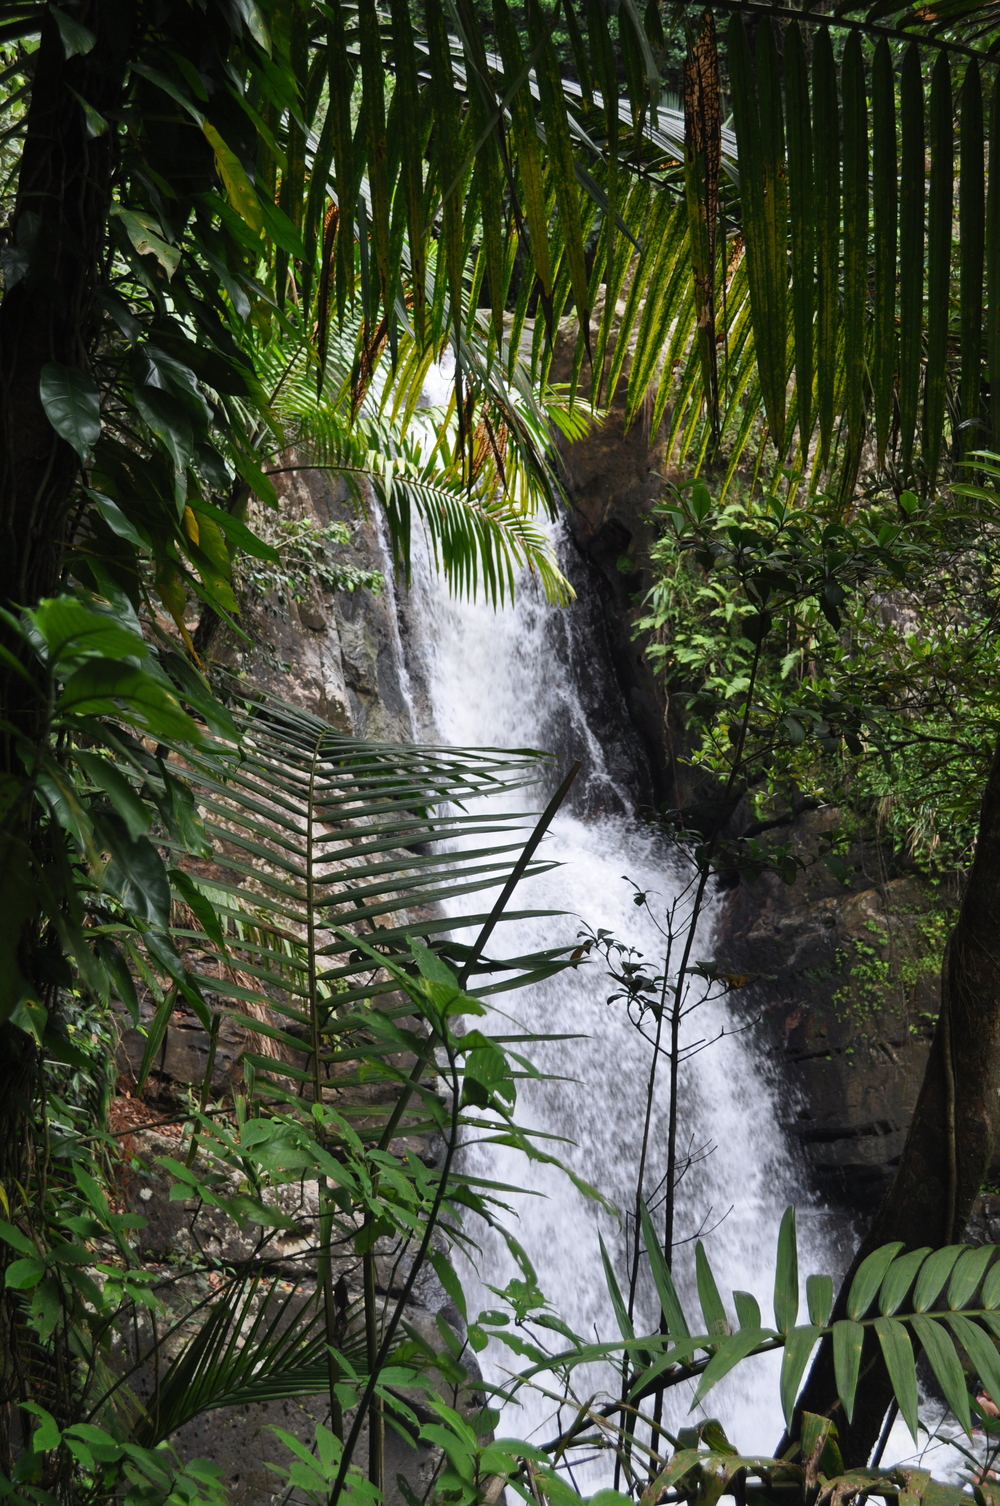 La Mina waterfall. Photo: Pamy Rojas